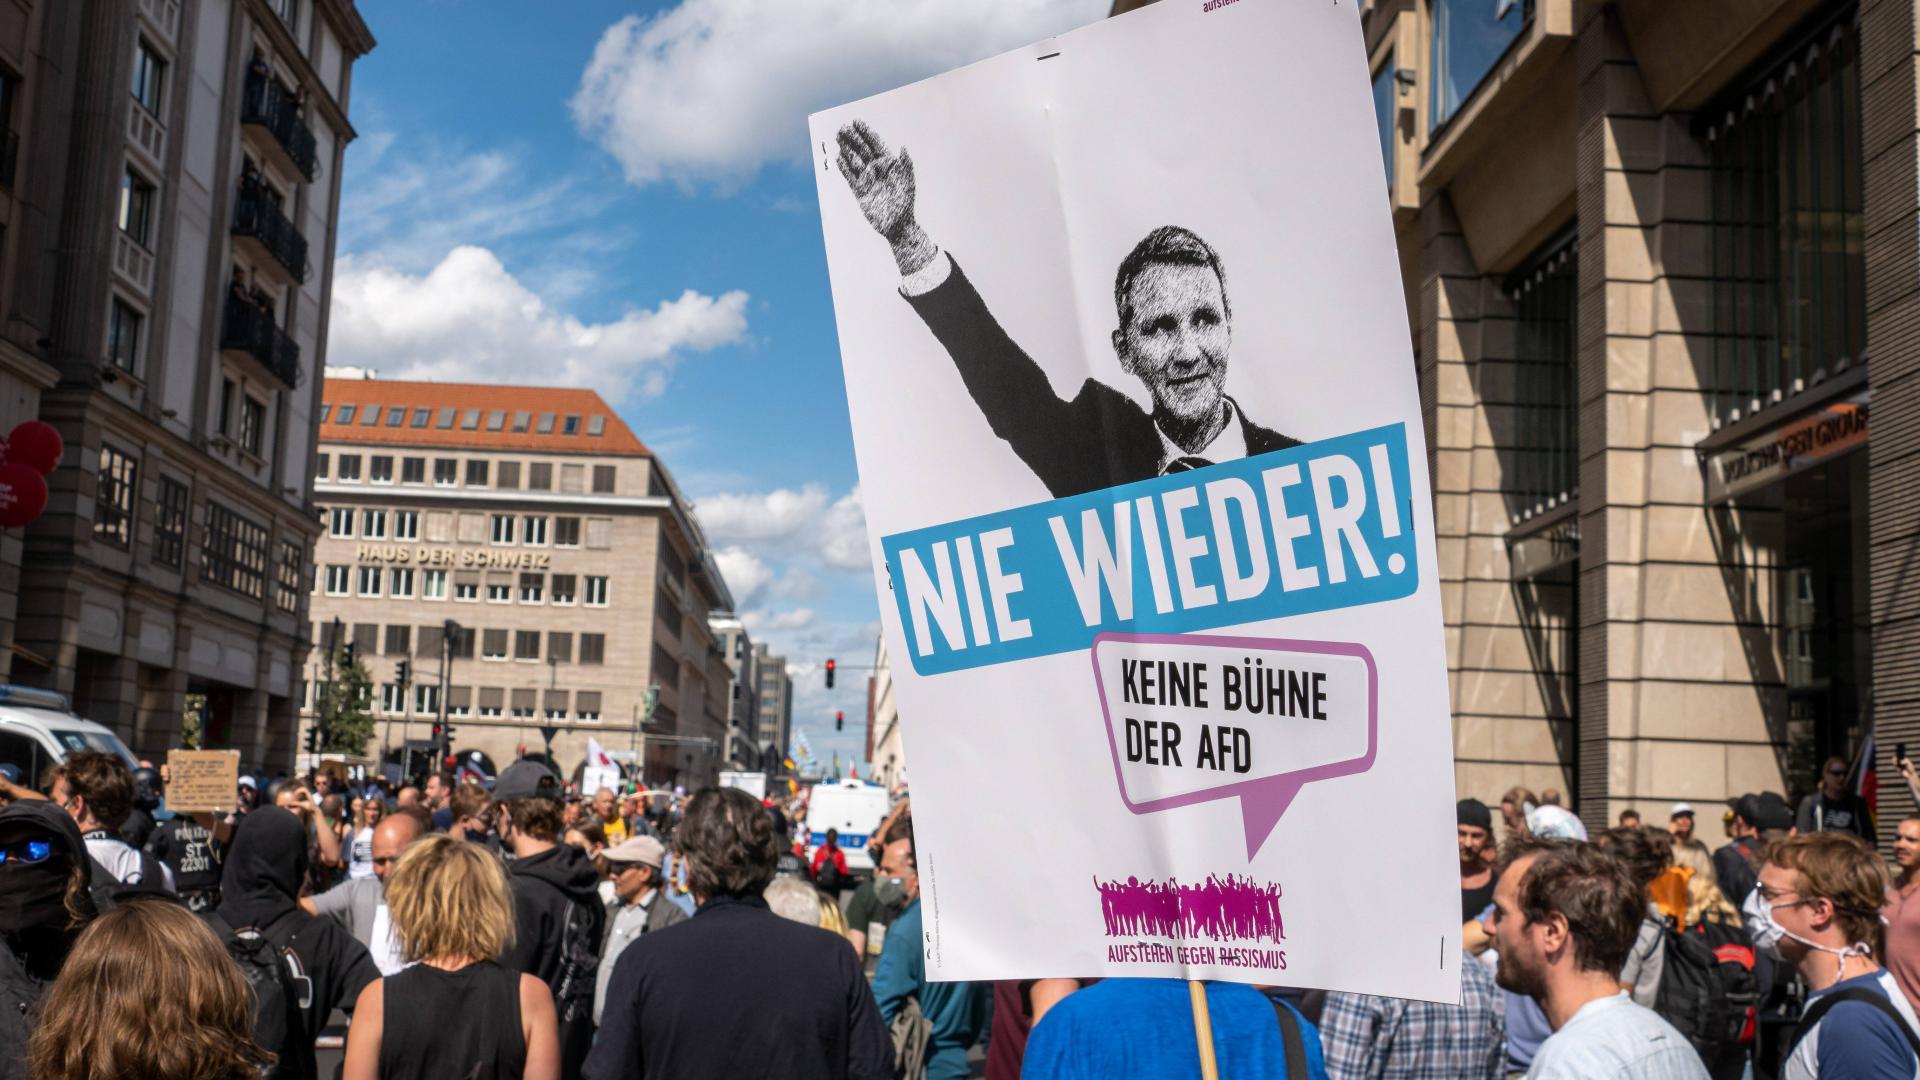 Protestdemo in Berlin gegen Höckes Hetze.